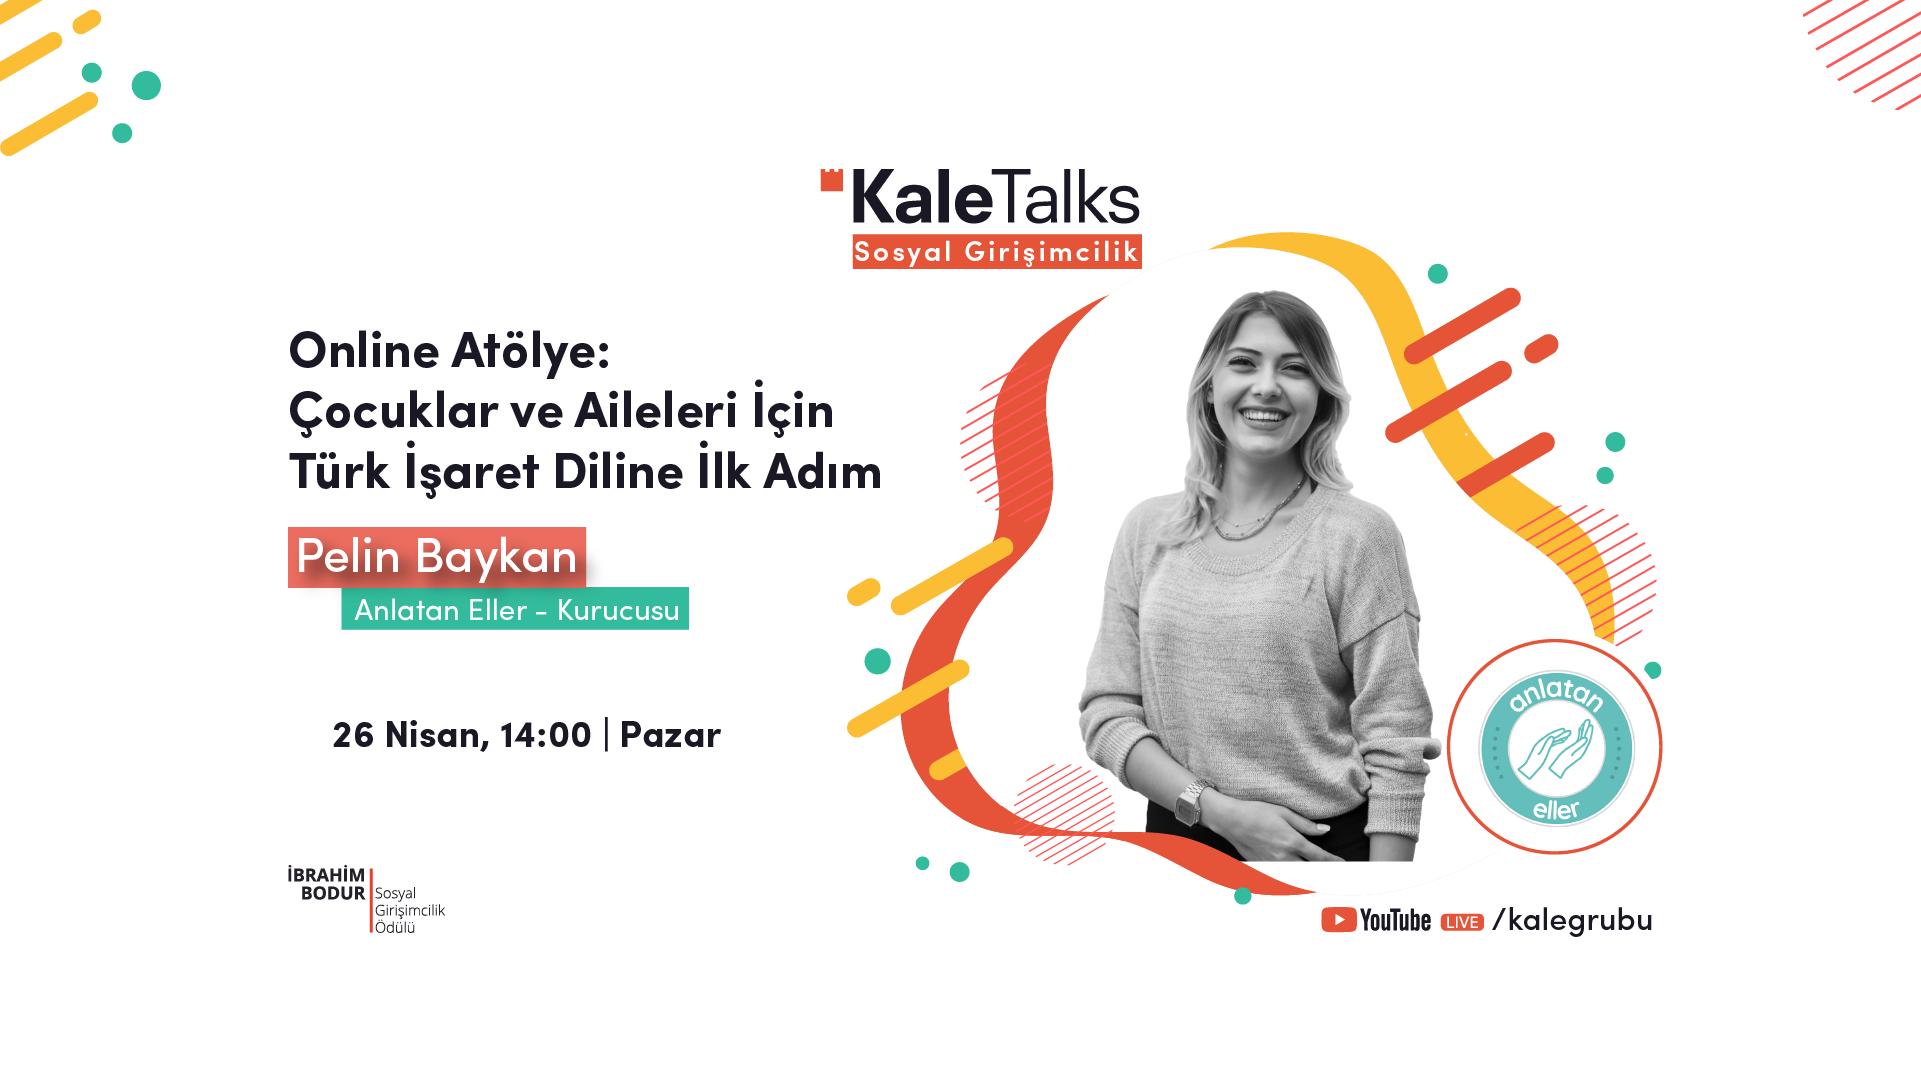 Online Atölye - Çocuklar ve Aileleri İçin Türk İşaret Diline İlk Adım